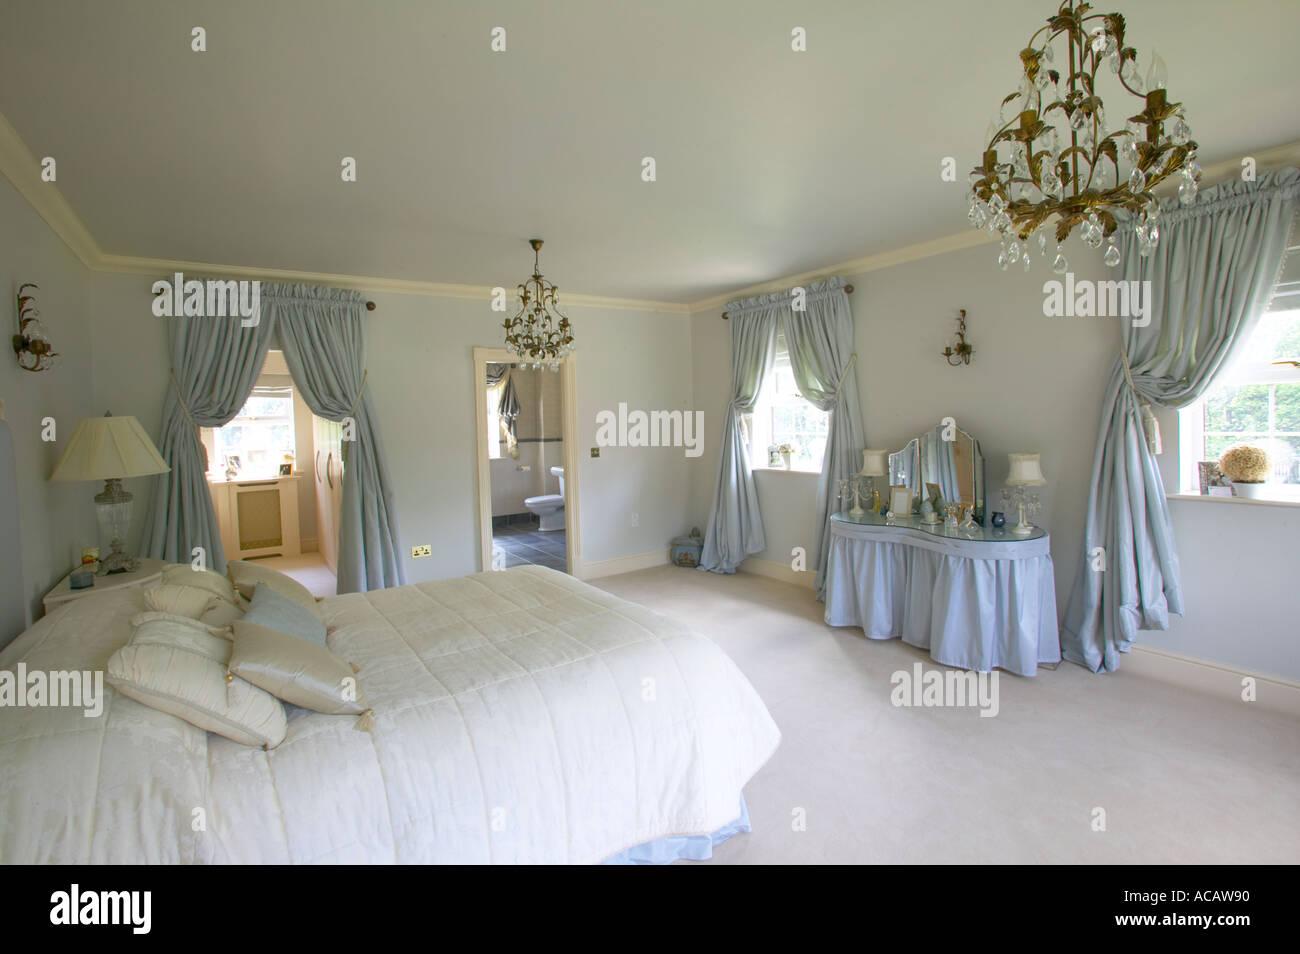 La camera da letto padronale di ampia casa con spogliatoio e bagno en suite foto immagine - Camera da letto con bagno ...